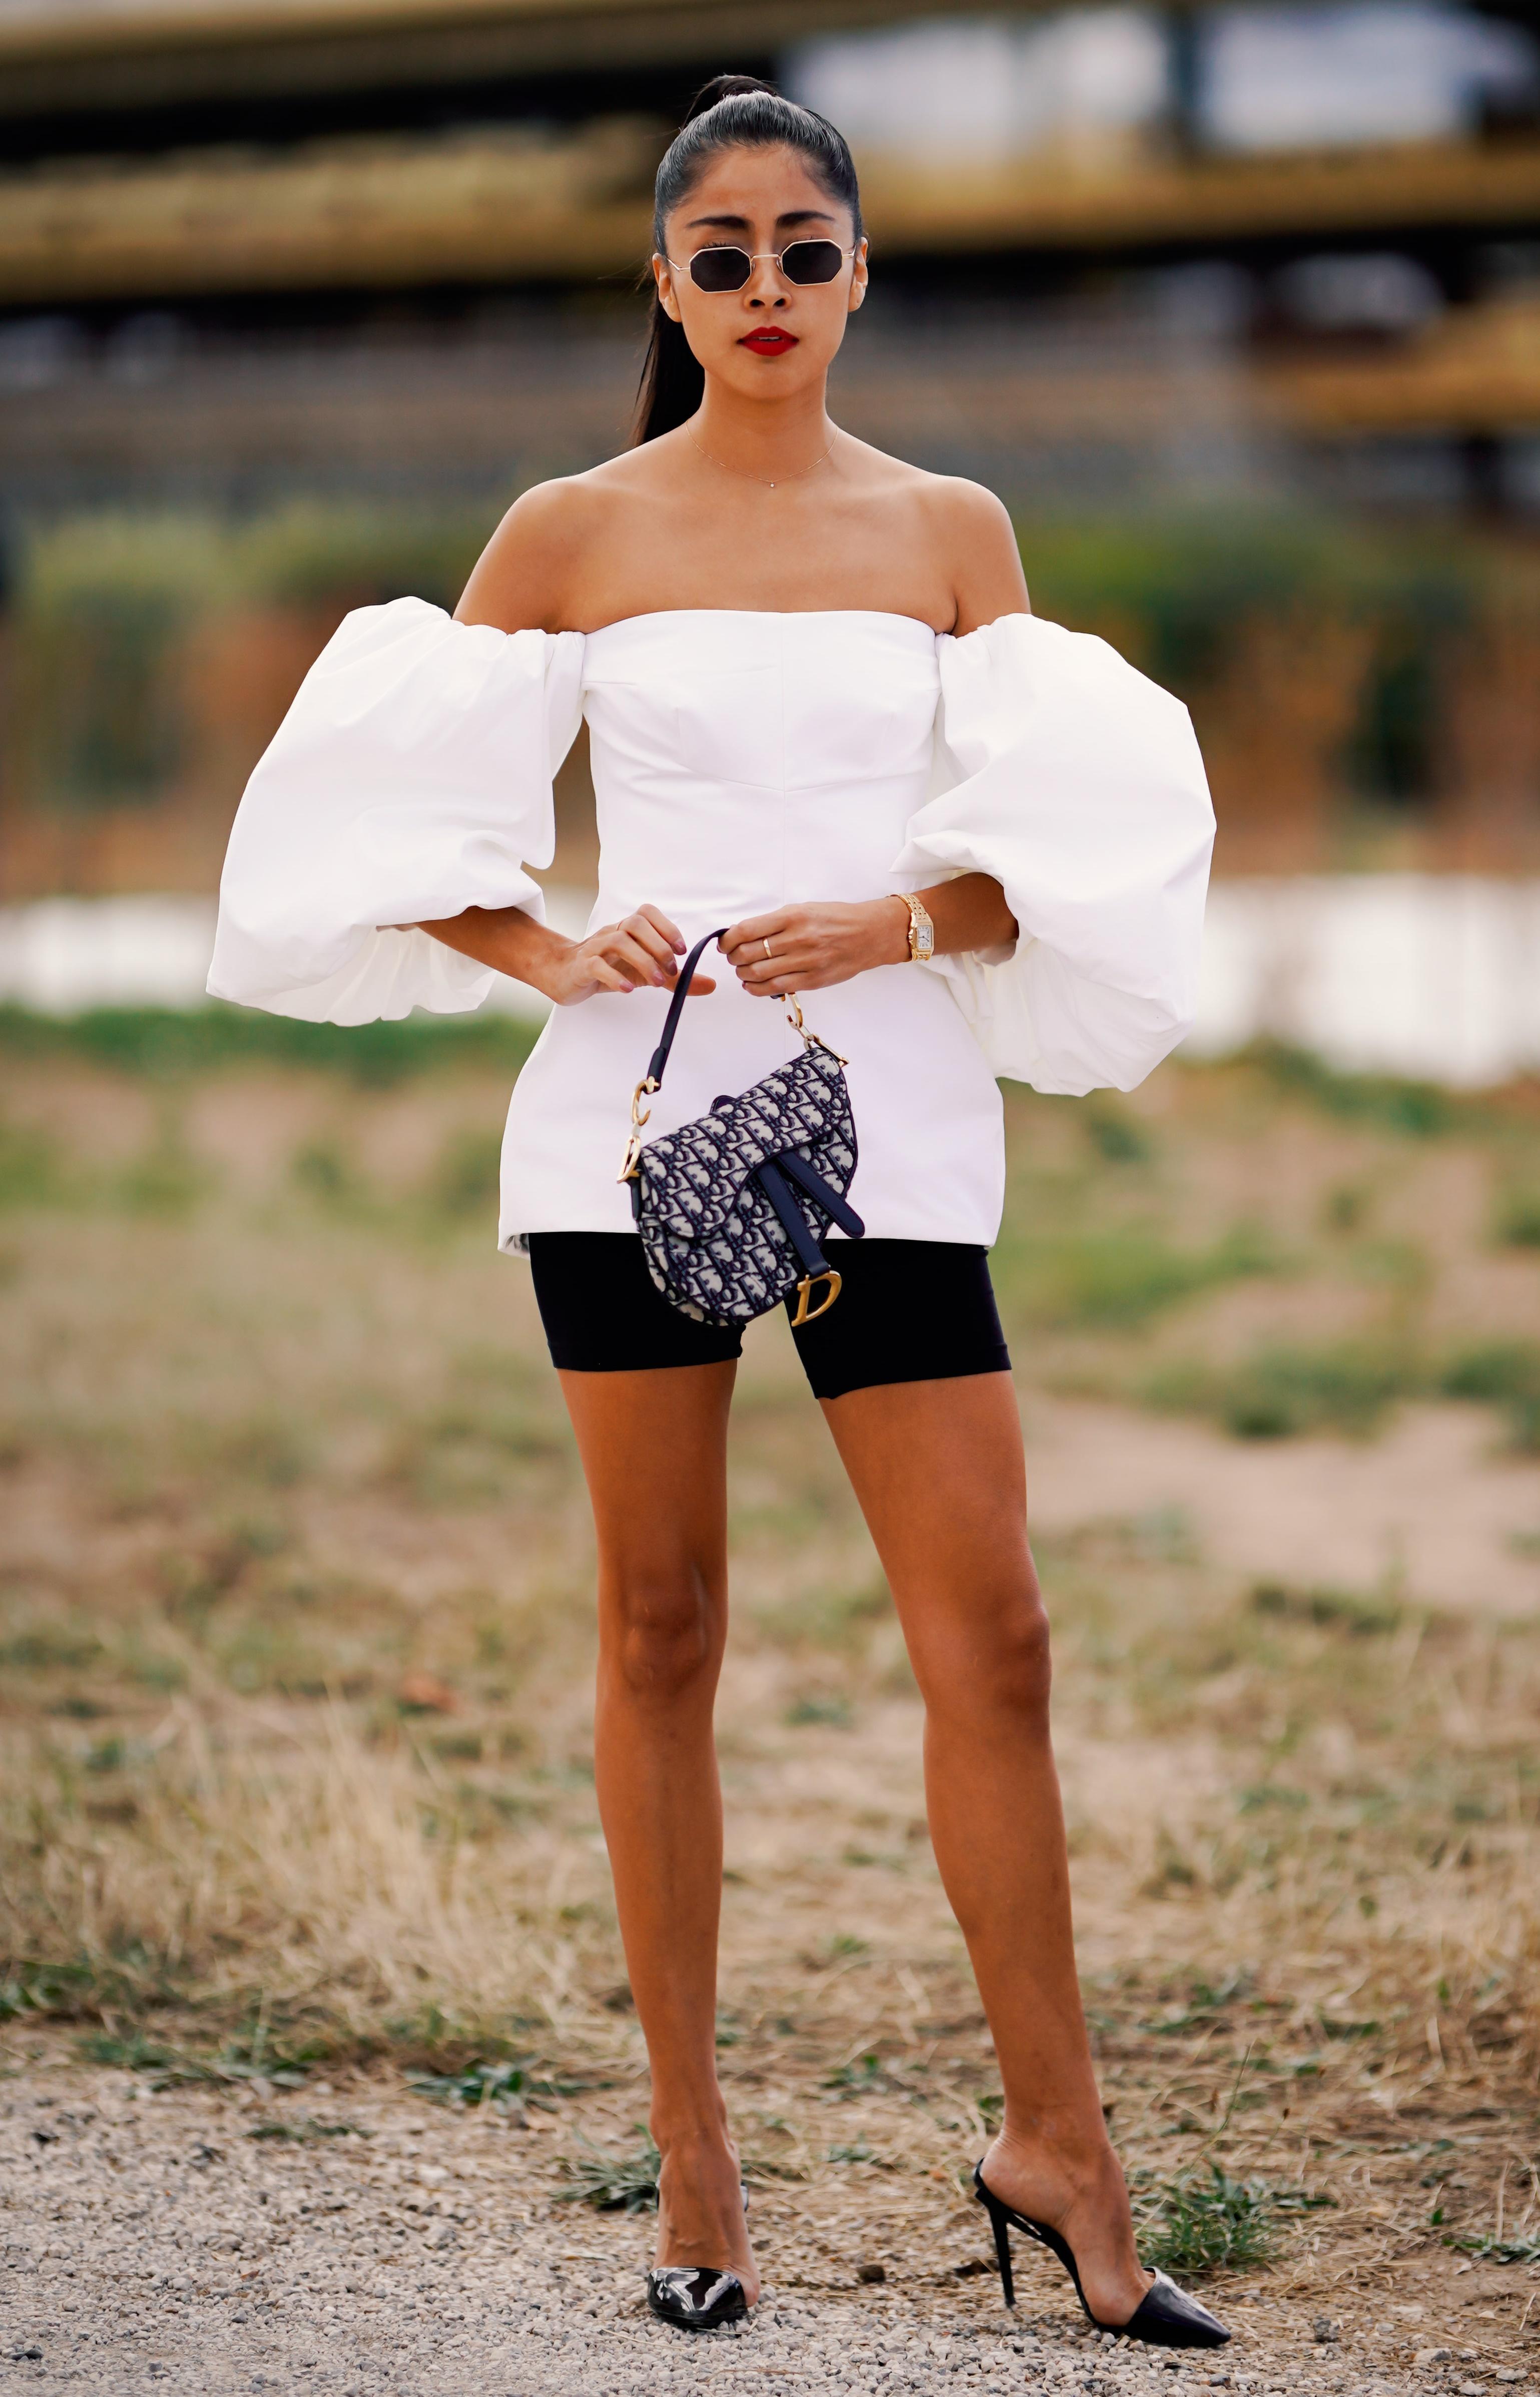 Женская одежда, которая нравится мужчинам: Голые плечи